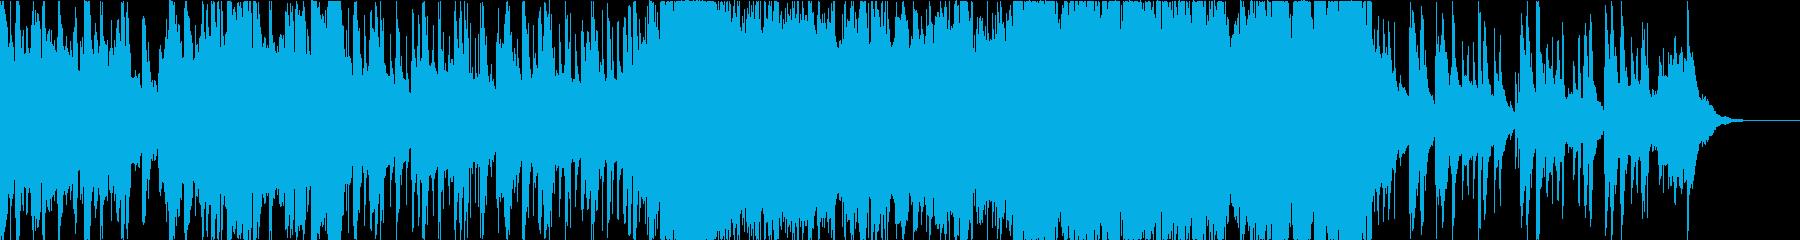 緊張感のある重めのインストの再生済みの波形